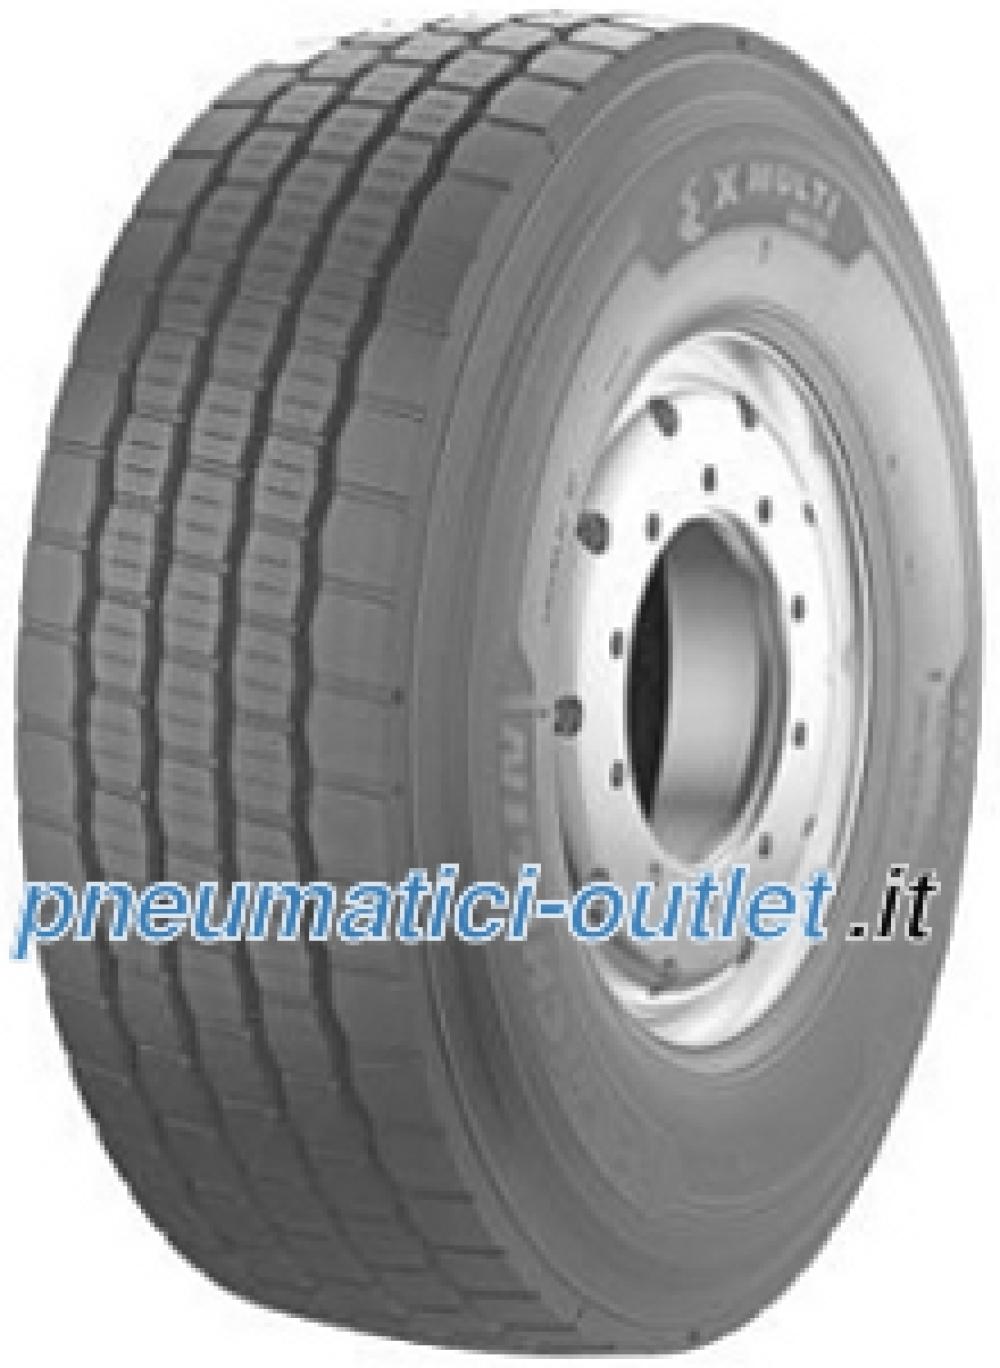 Michelin Remix X MULTI WINTER T ( 385/55 R22.5 160K , rinnovati )